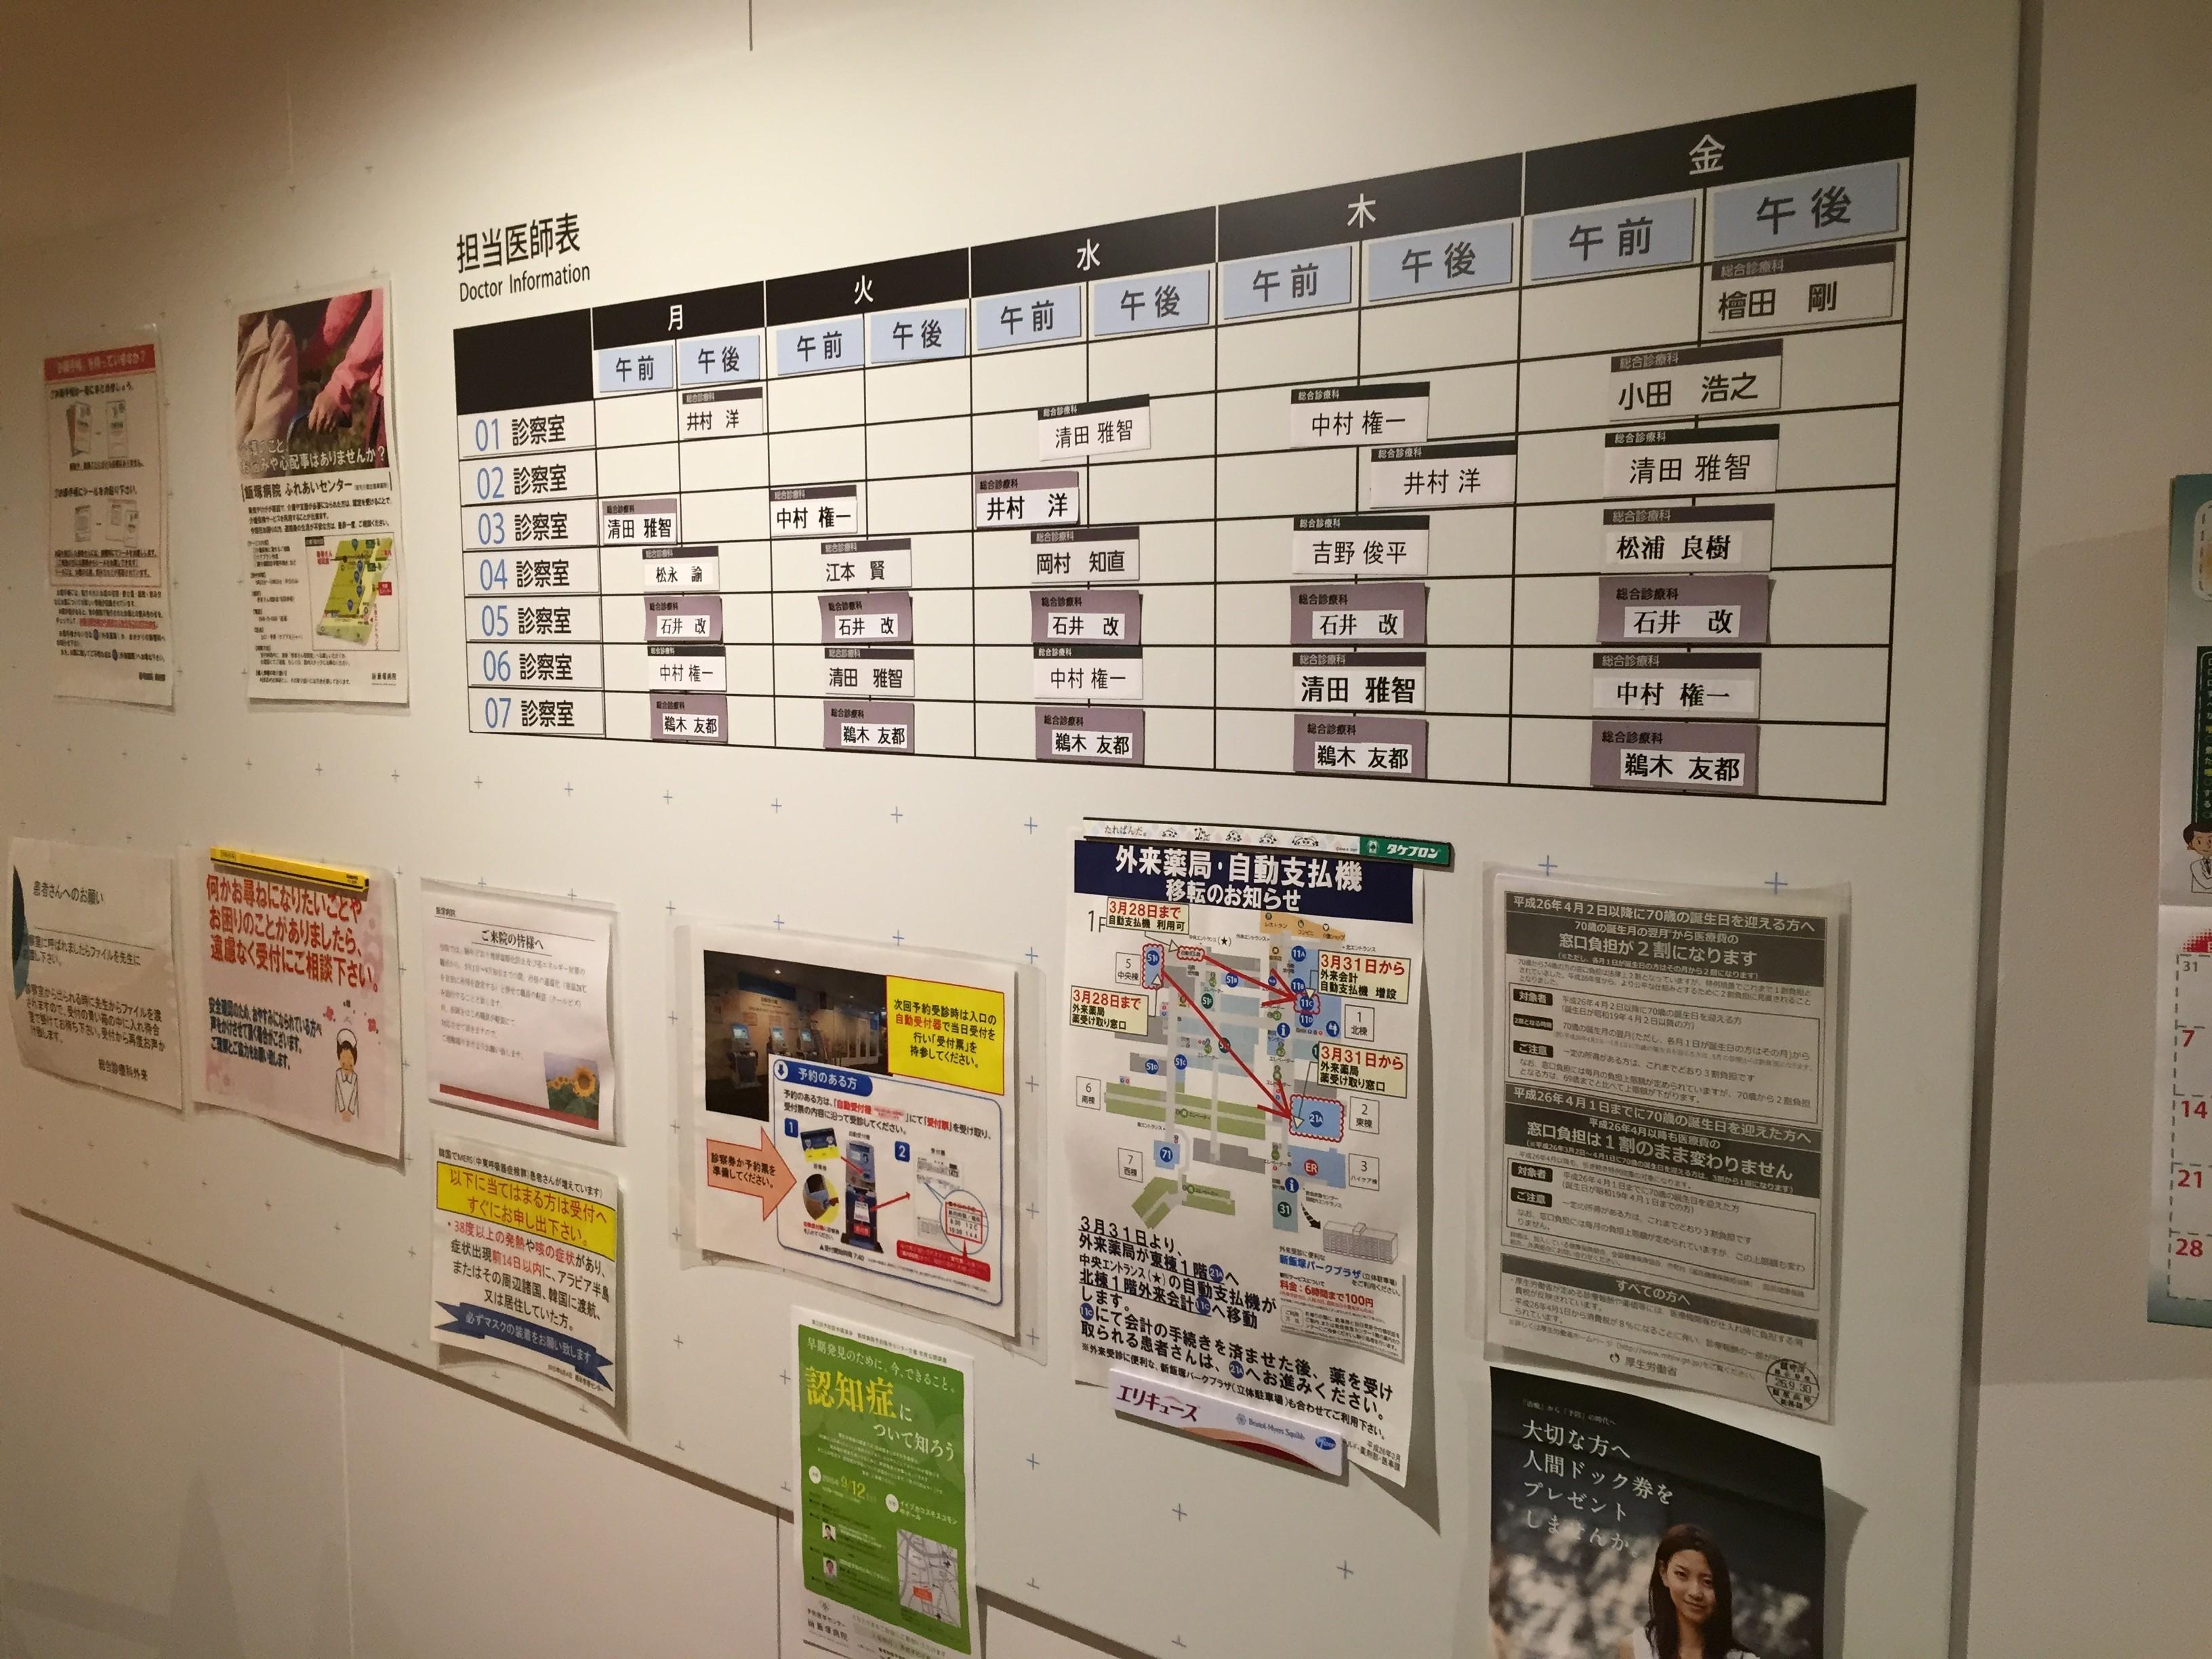 Gemba Walk Team Board : Japan gemba visit lean in hospitals katie anderson